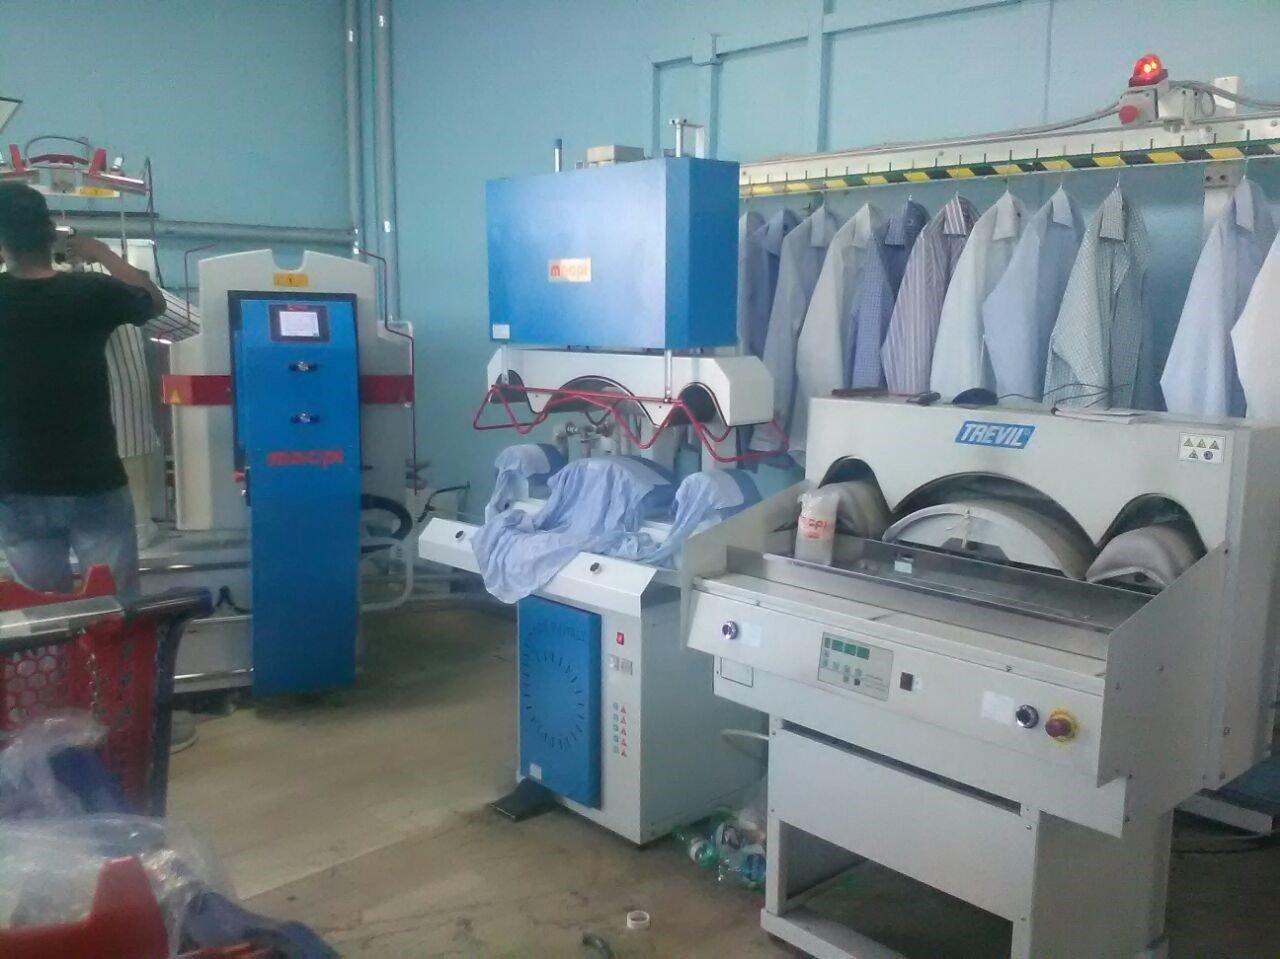 lavatrici professionali per alberghi